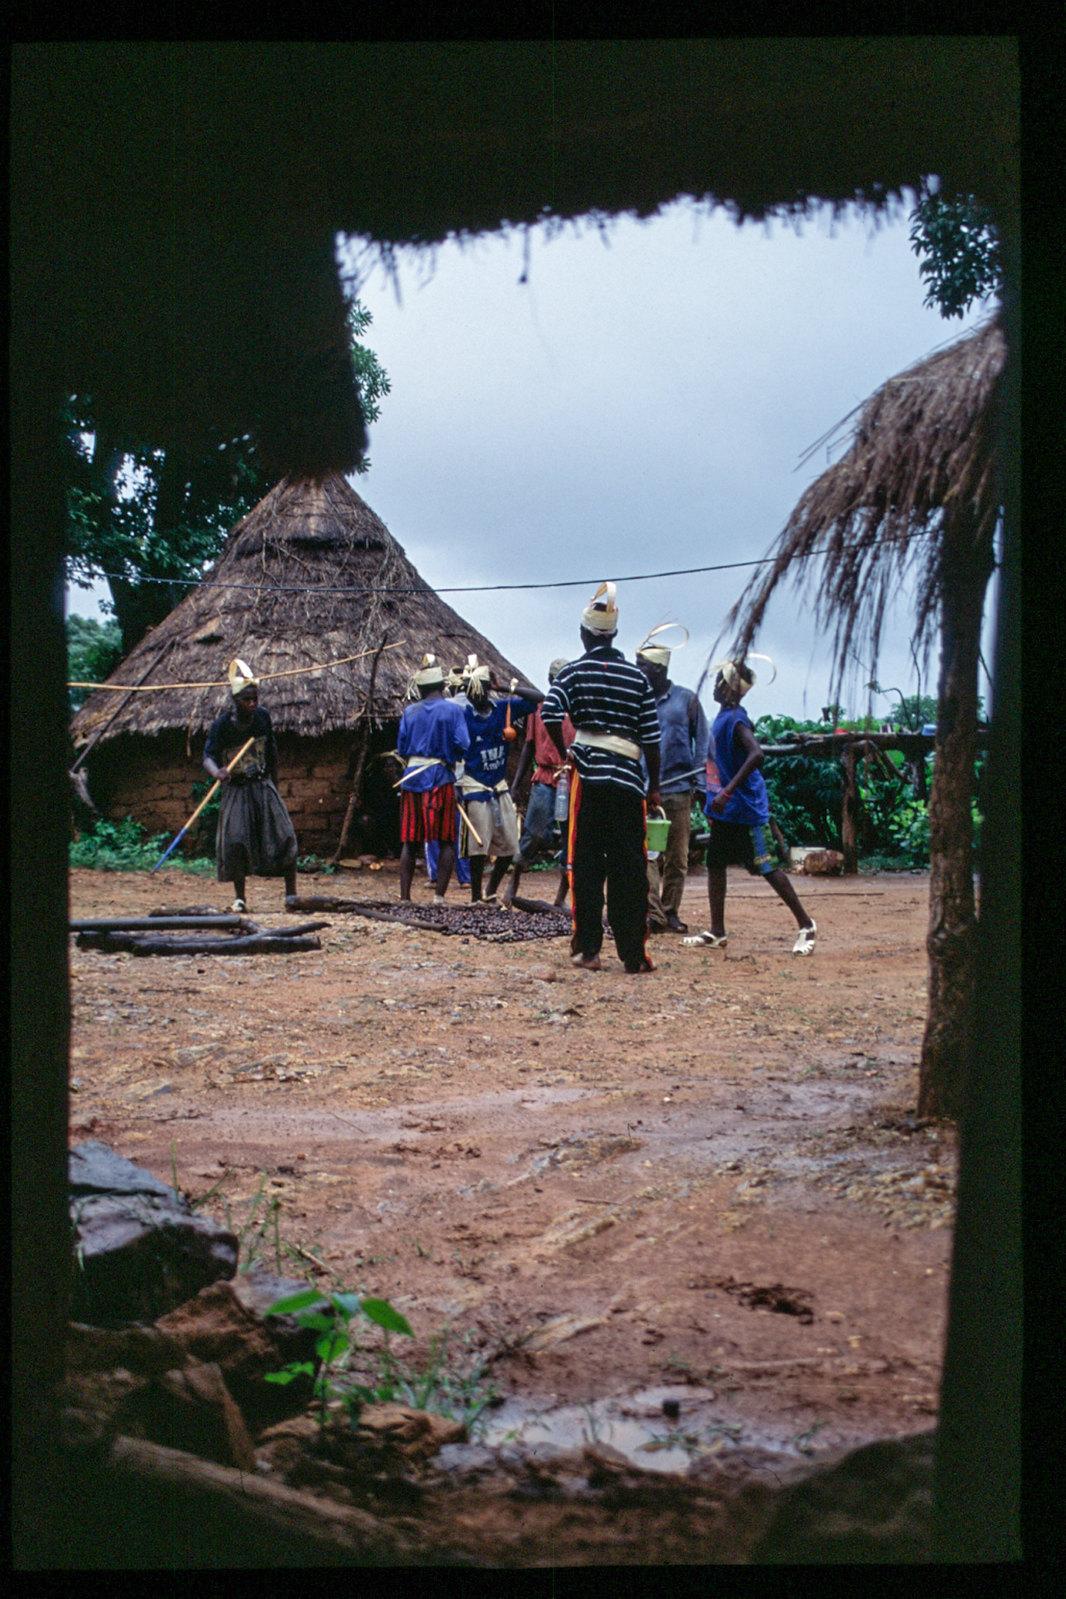 Senegal - Entre deux corvée, pause au campement